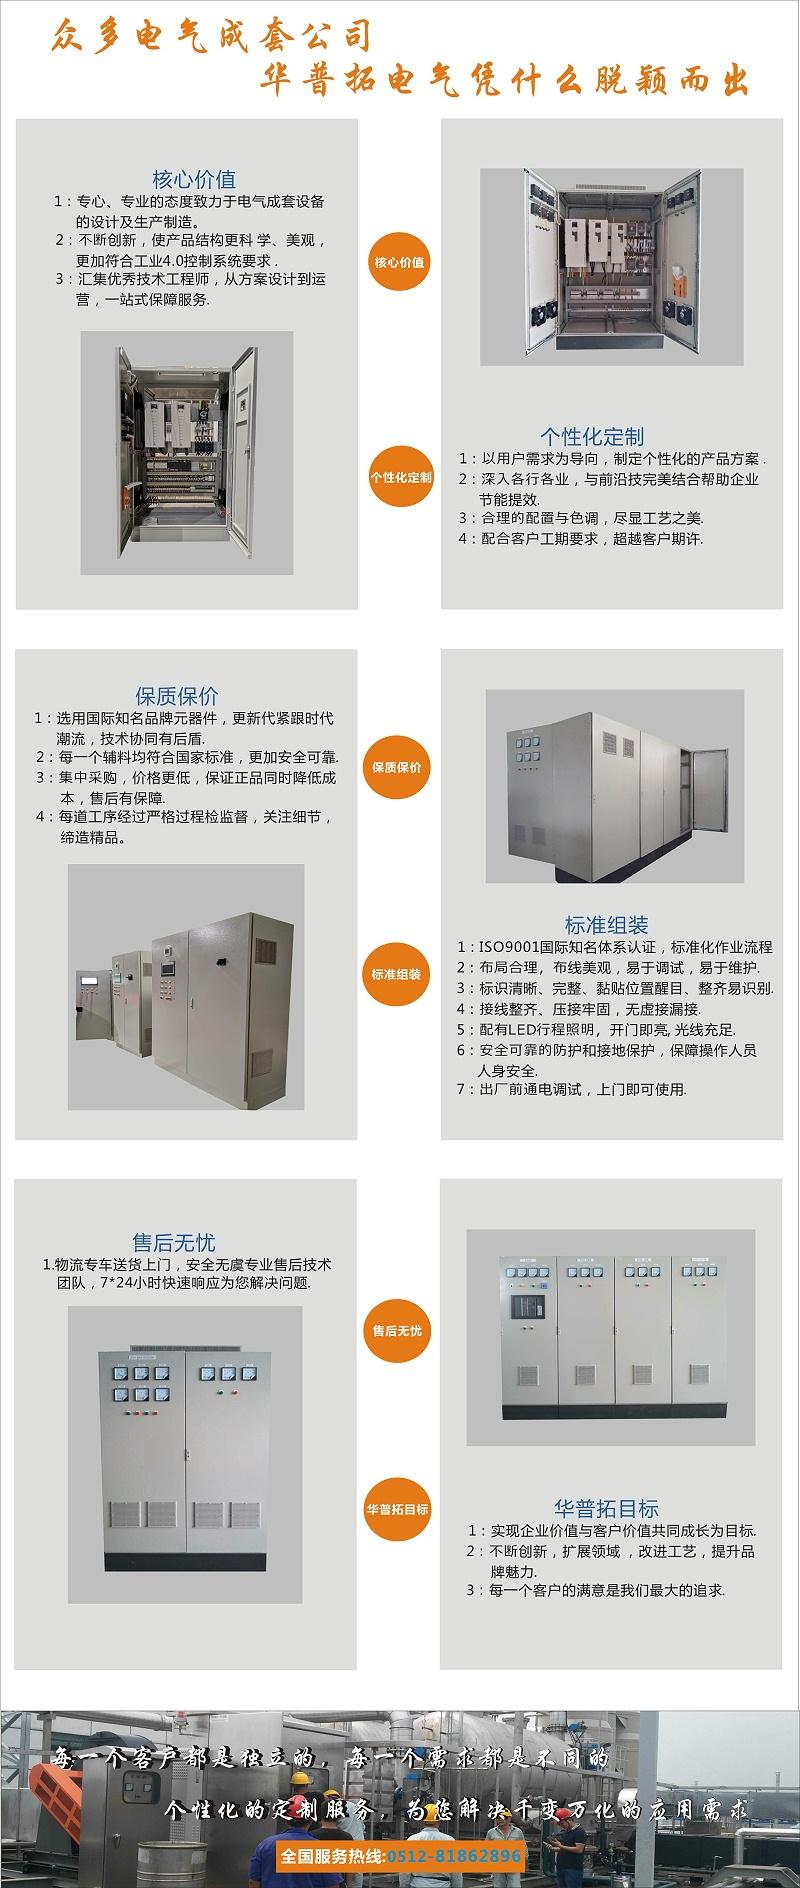 众多电气成套公司,华普拓电气凭什么脱颖而出?